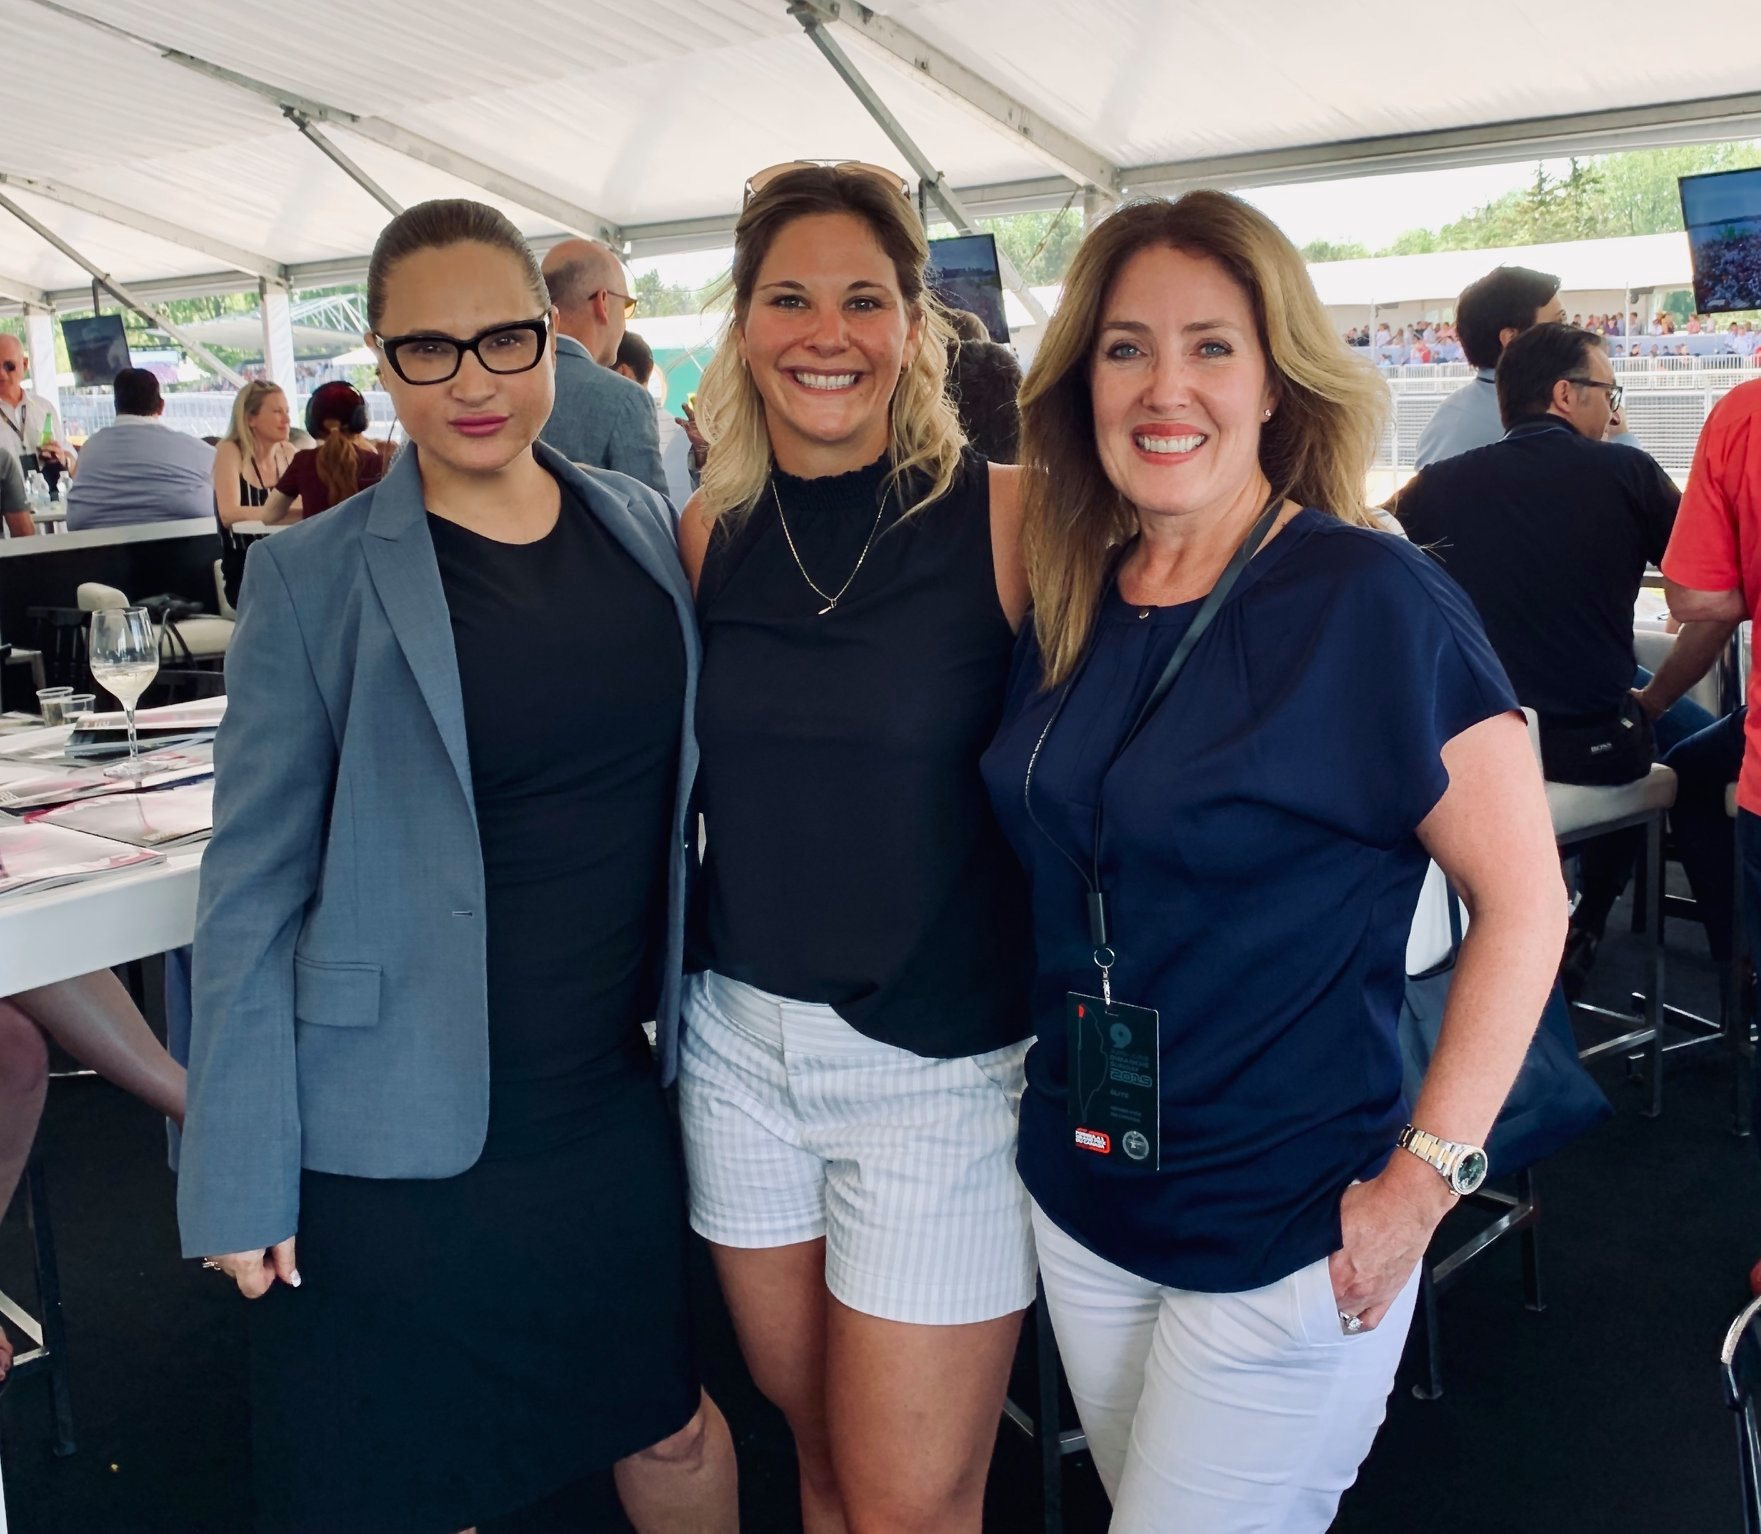 À propos d'hier… Femmes de business, sports Marie-Eve Dicaire et finances réunies au GP de Montréal dimanche. Merci à François Dumontier pour l'invita…